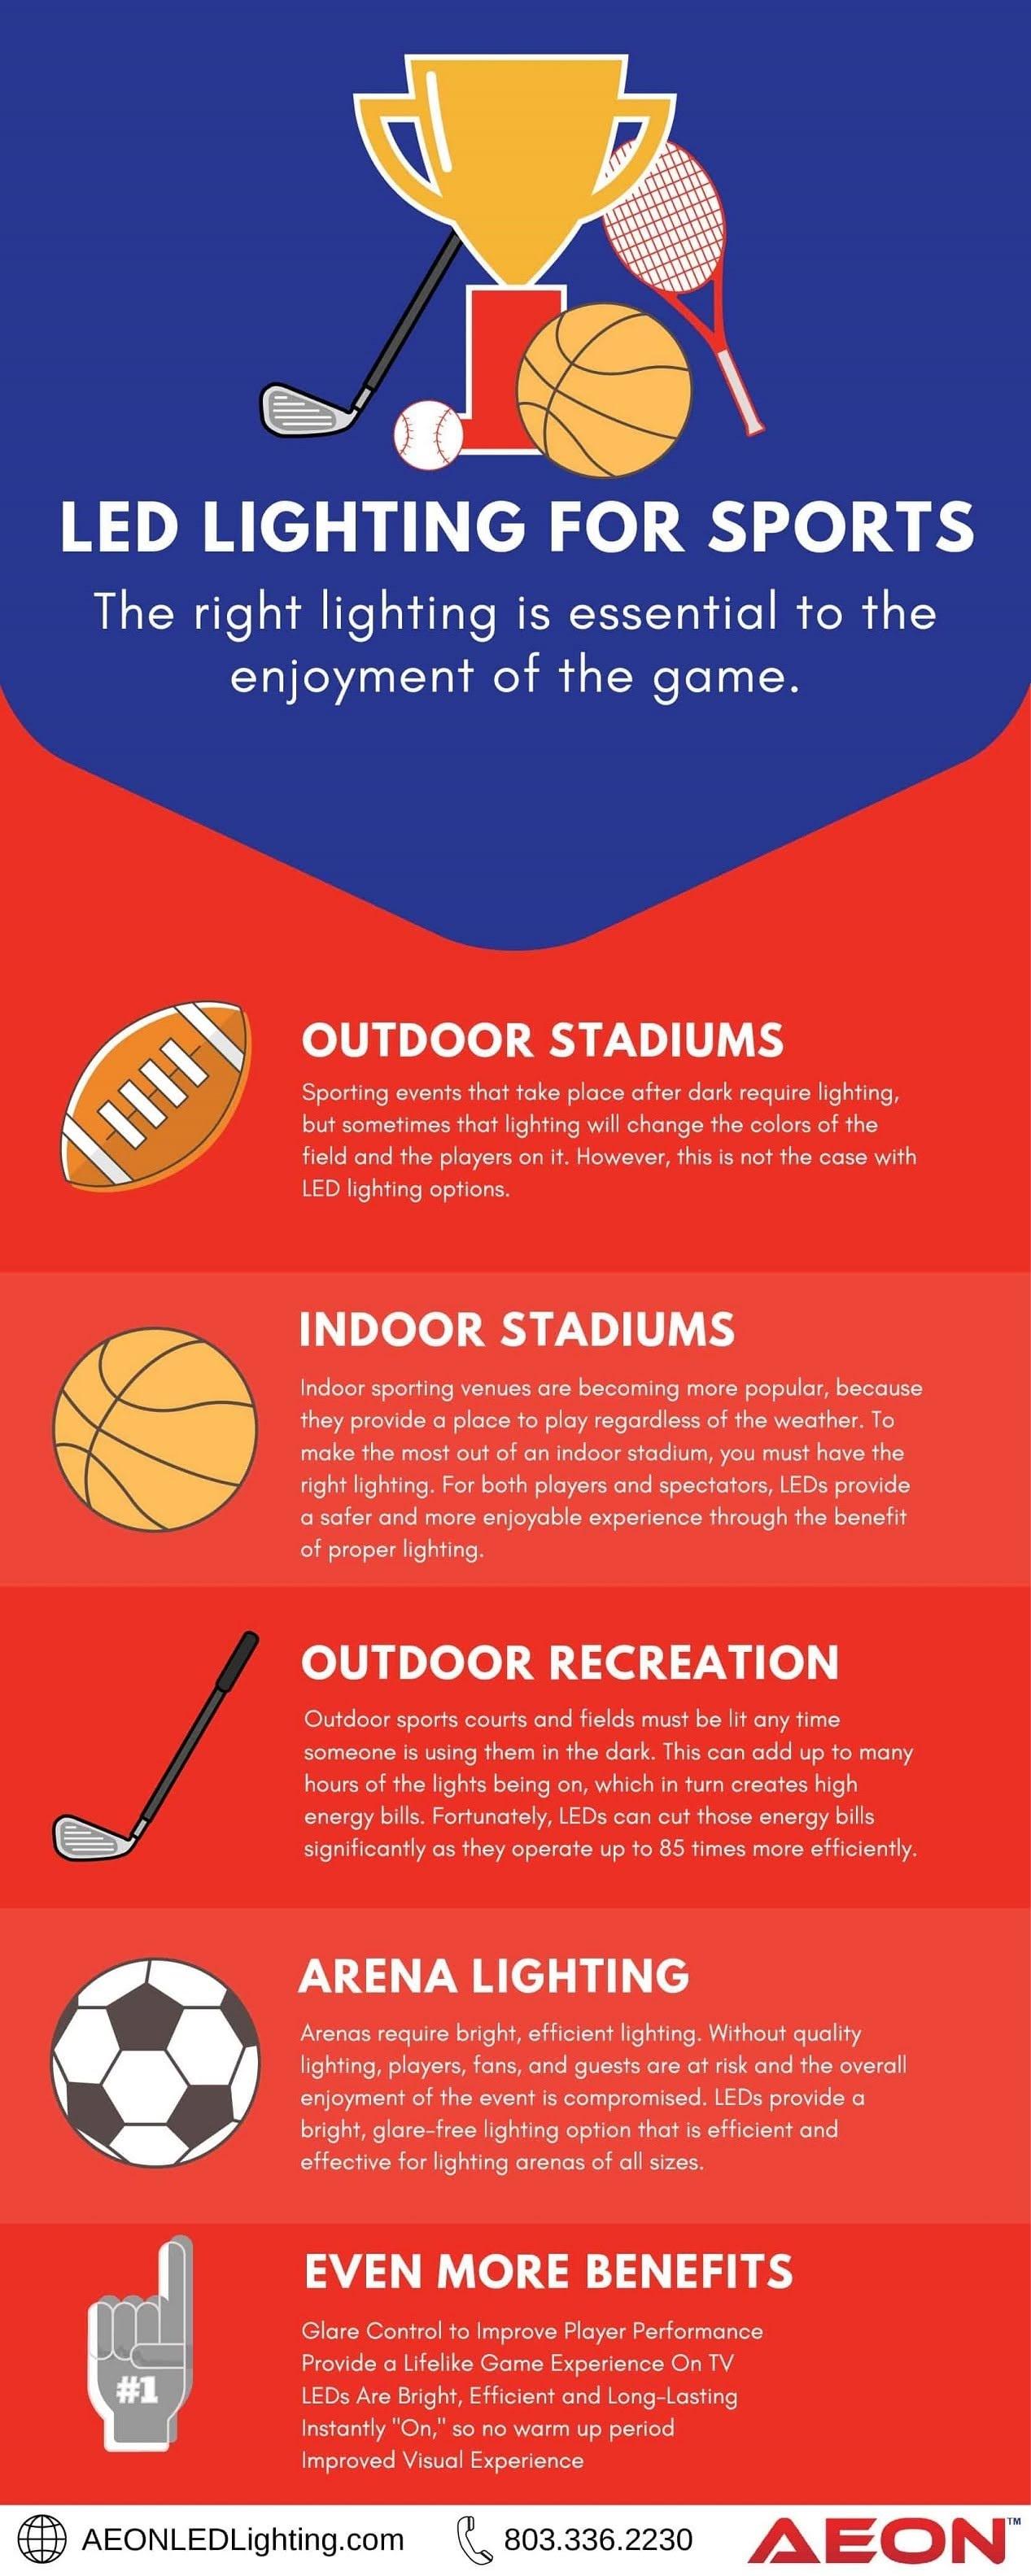 LED Lighting for Sport #infographic